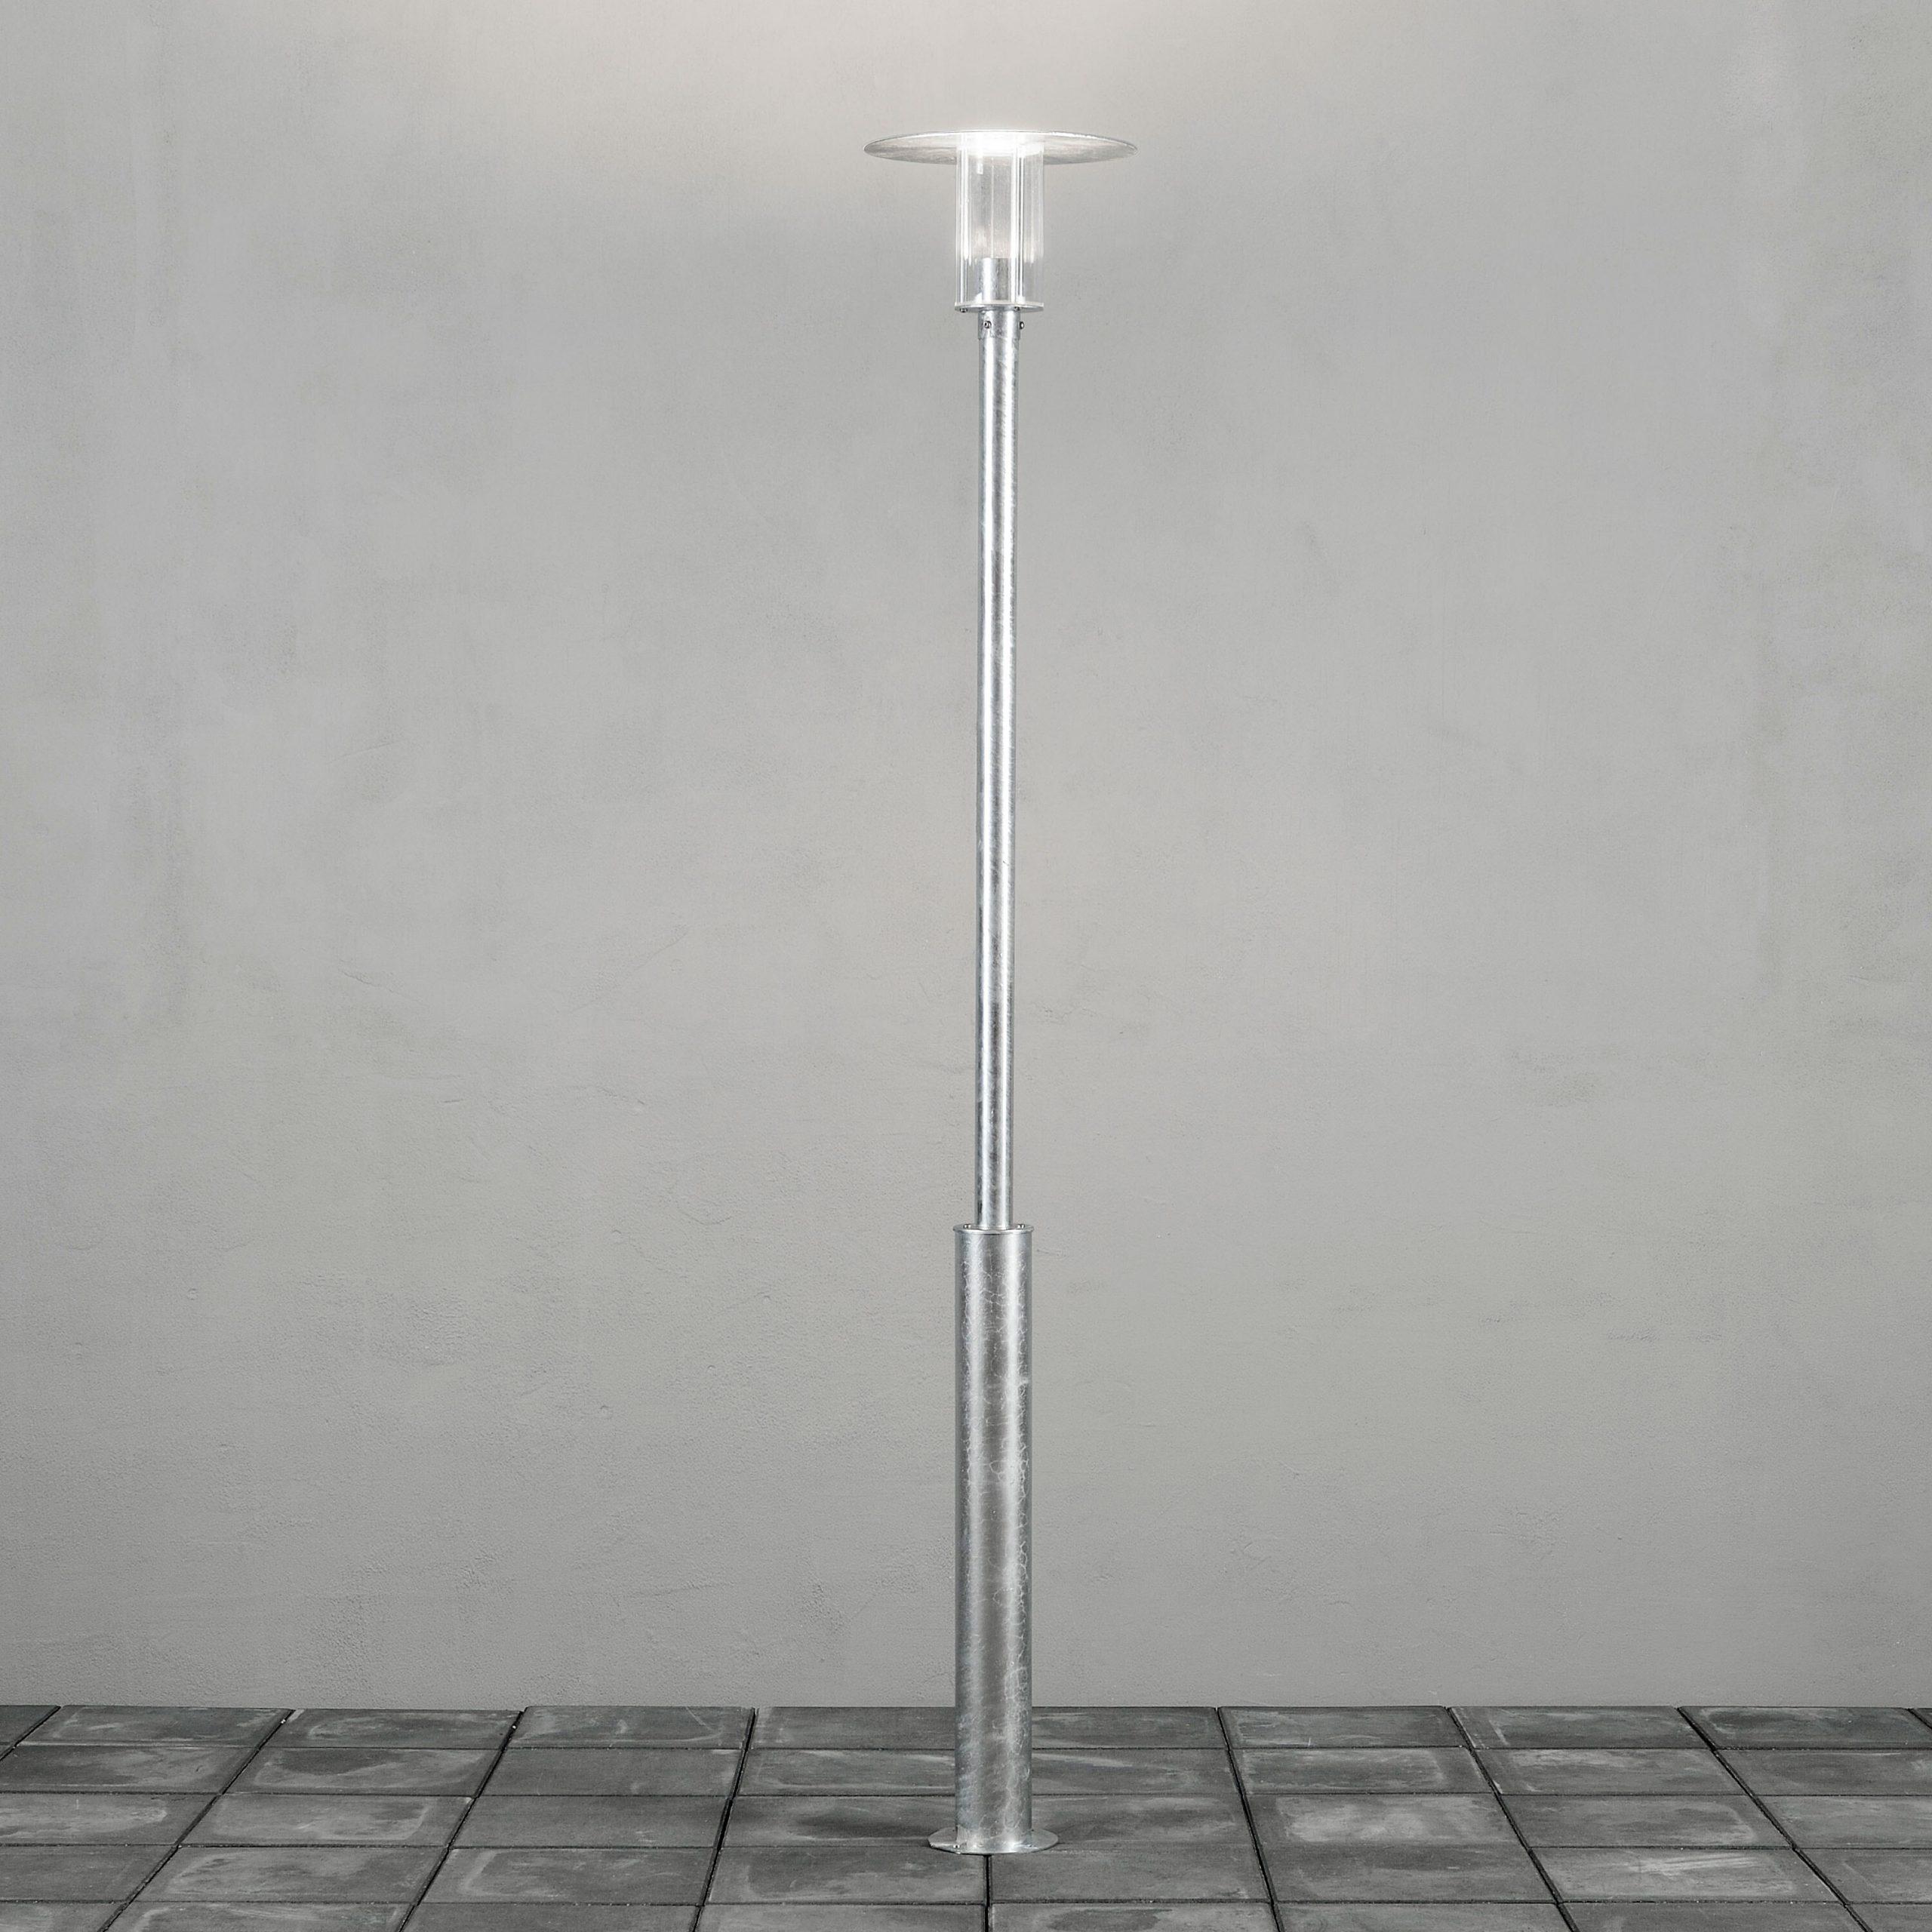 Konstsmide Buitenlamp 'Mode' Staande lamp, 220cm hoog, PowerLED 1 x 8W / 230V | Konstsmide